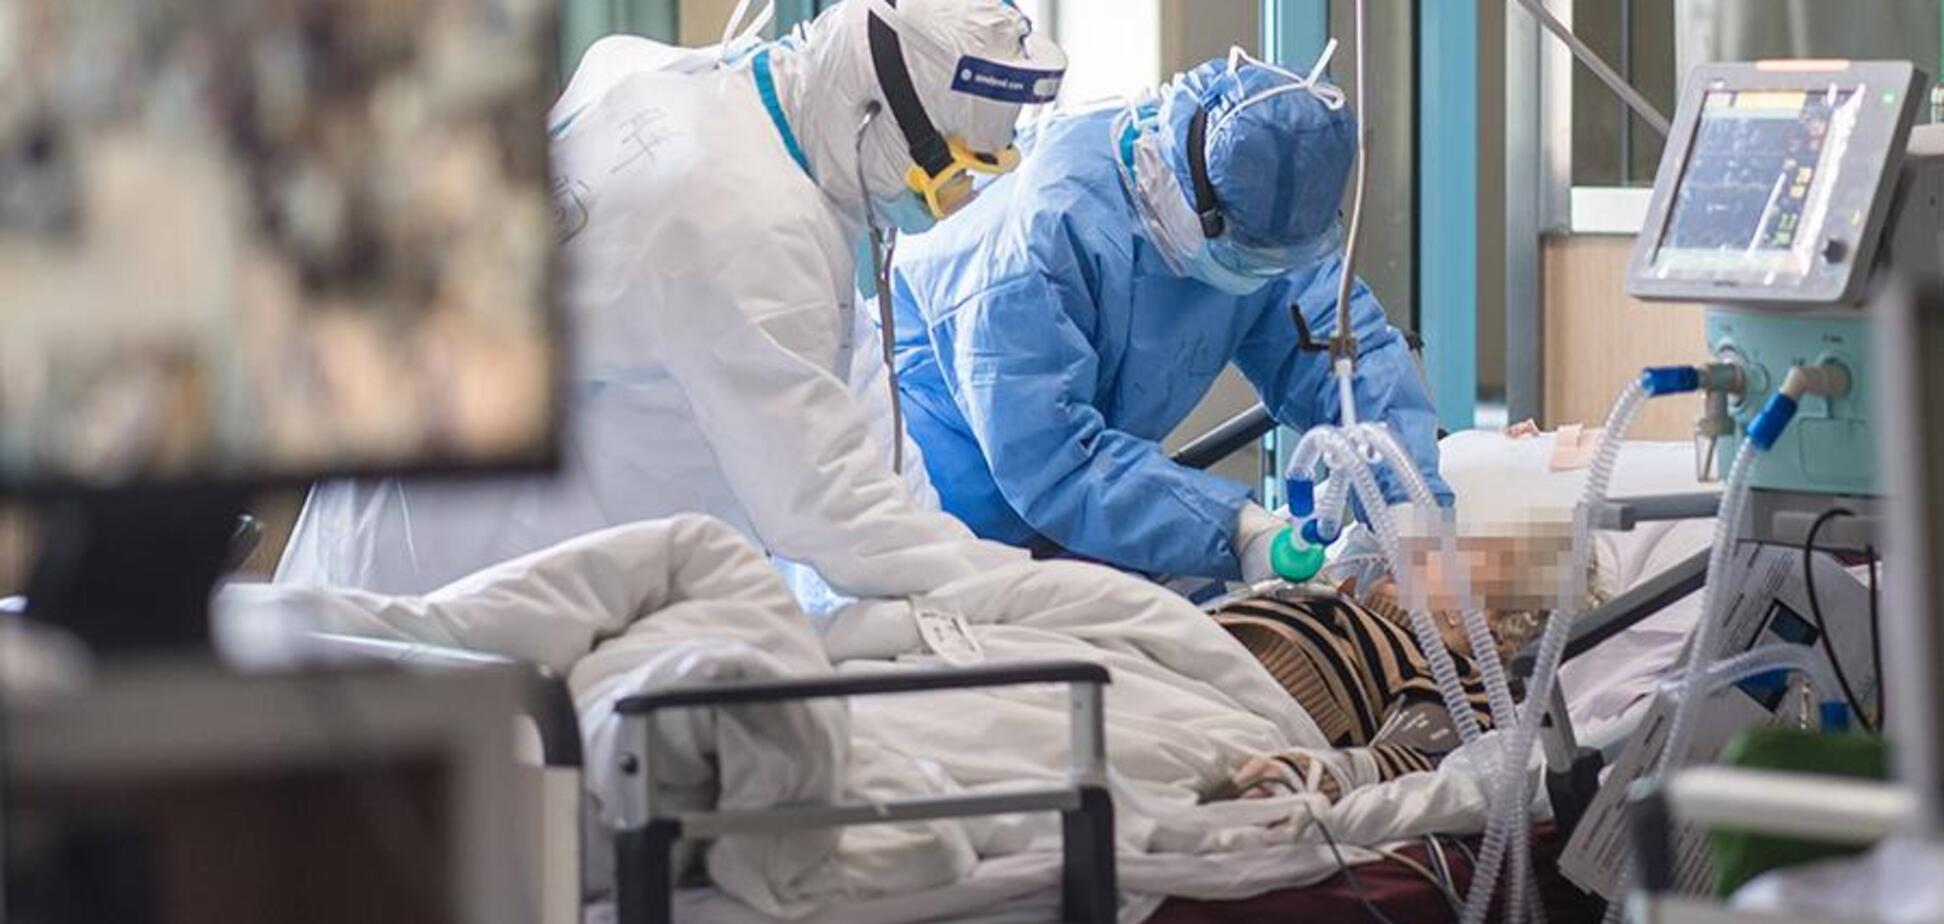 Врач – о больных COVID-19: в реанимацию чаще попадают те, кто соблюдал диету